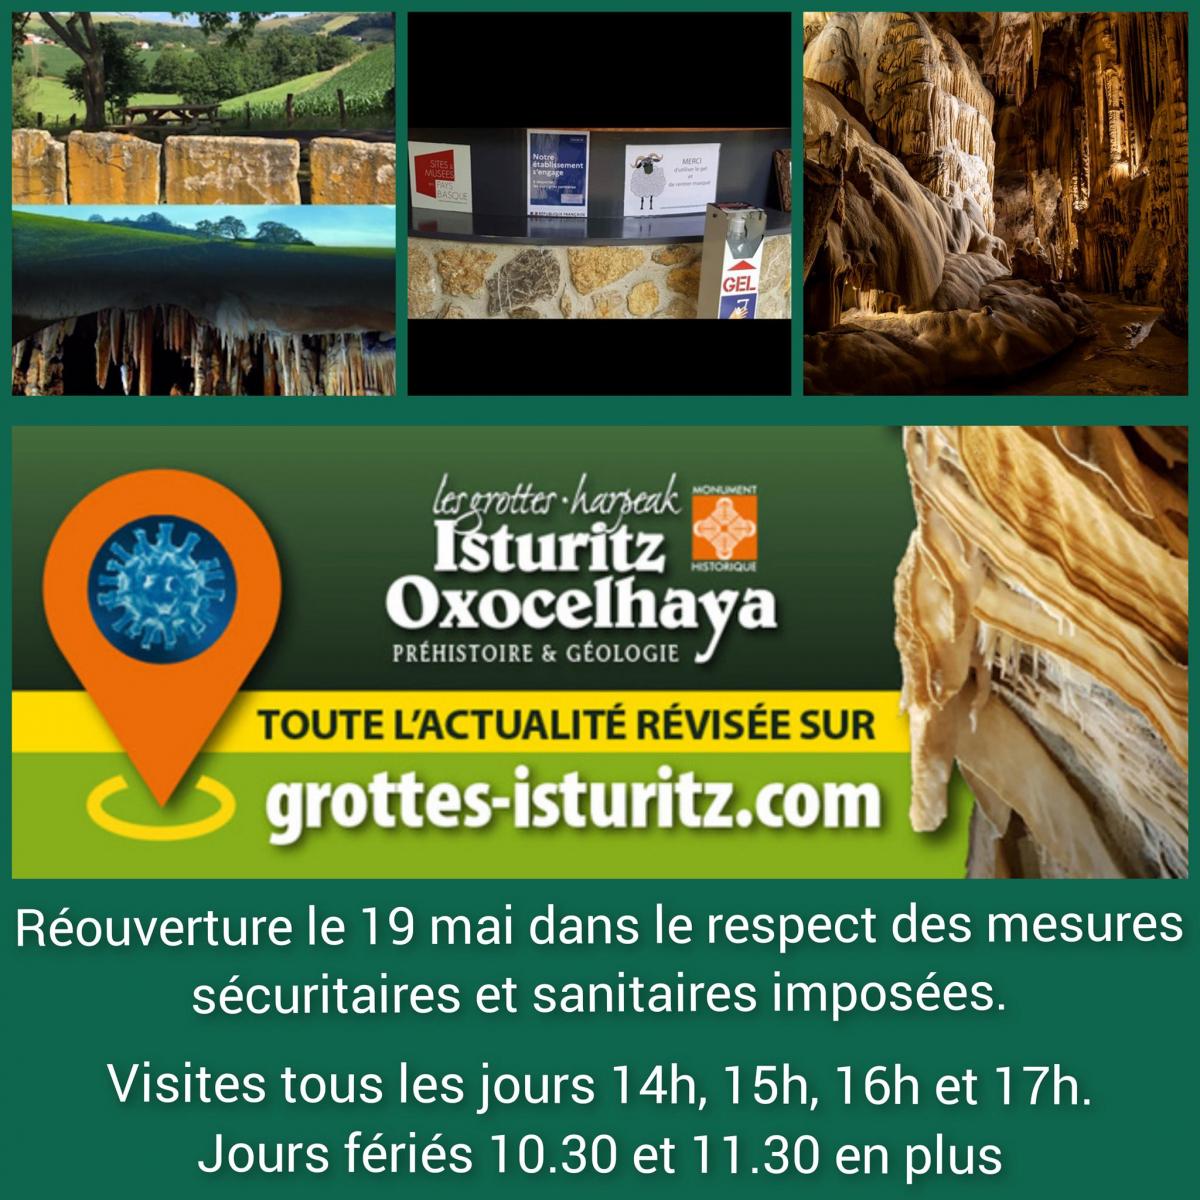 zManif2 grottes Isturitz.jpg